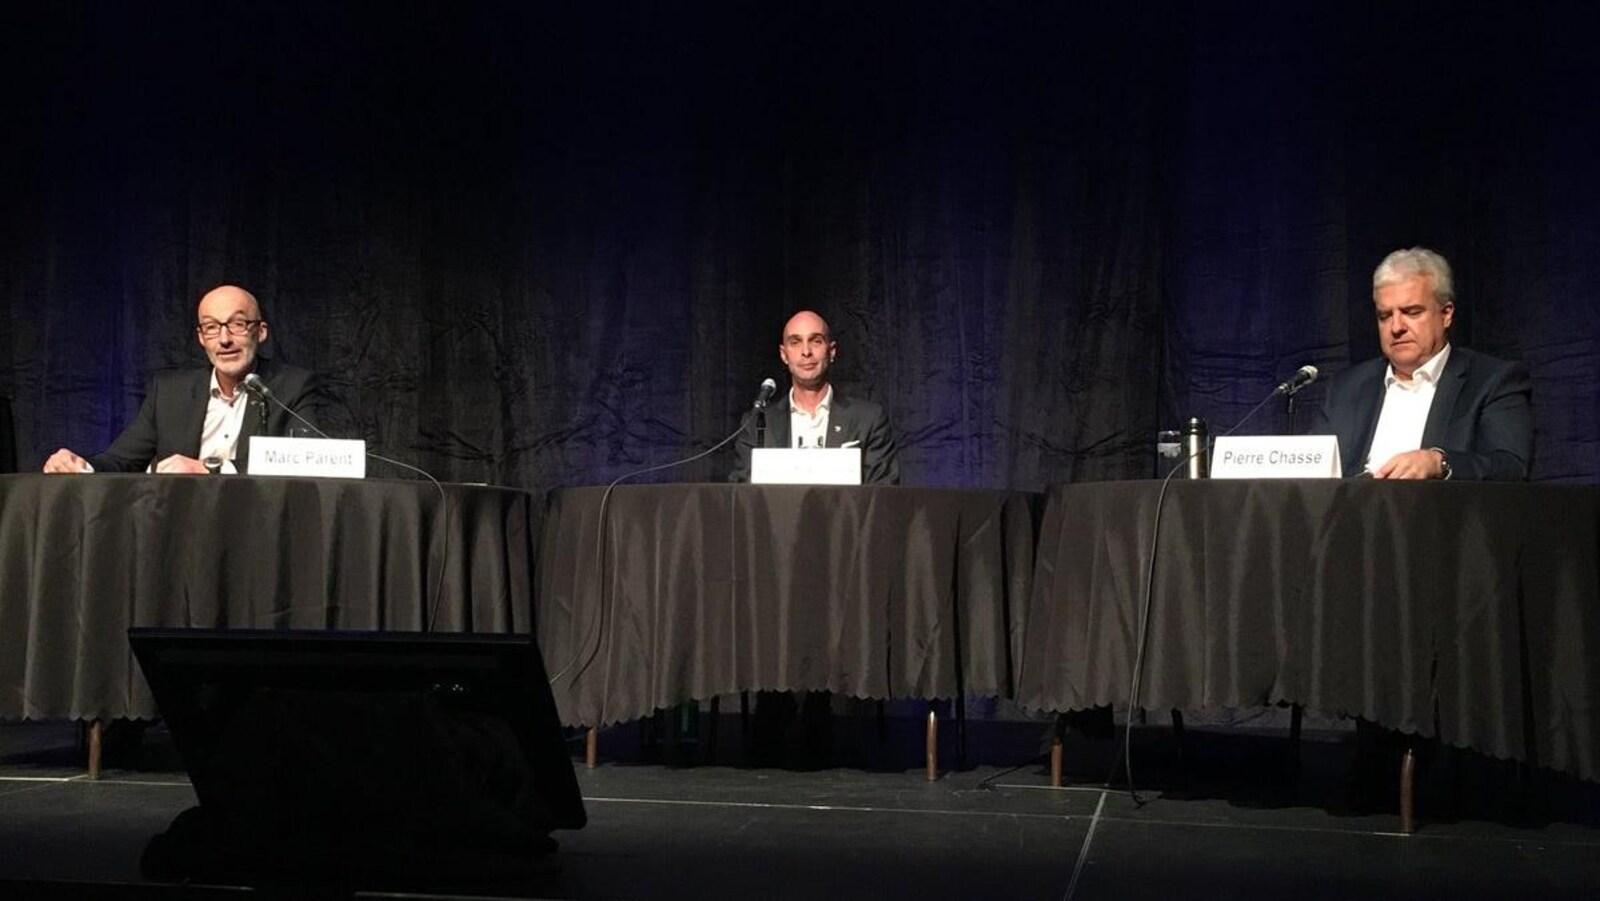 Trois candidats sur quatre ont participé au débat de la Chambre de commerce, soit Marc Parent, Djanick Michaud et Pierre Chassé.